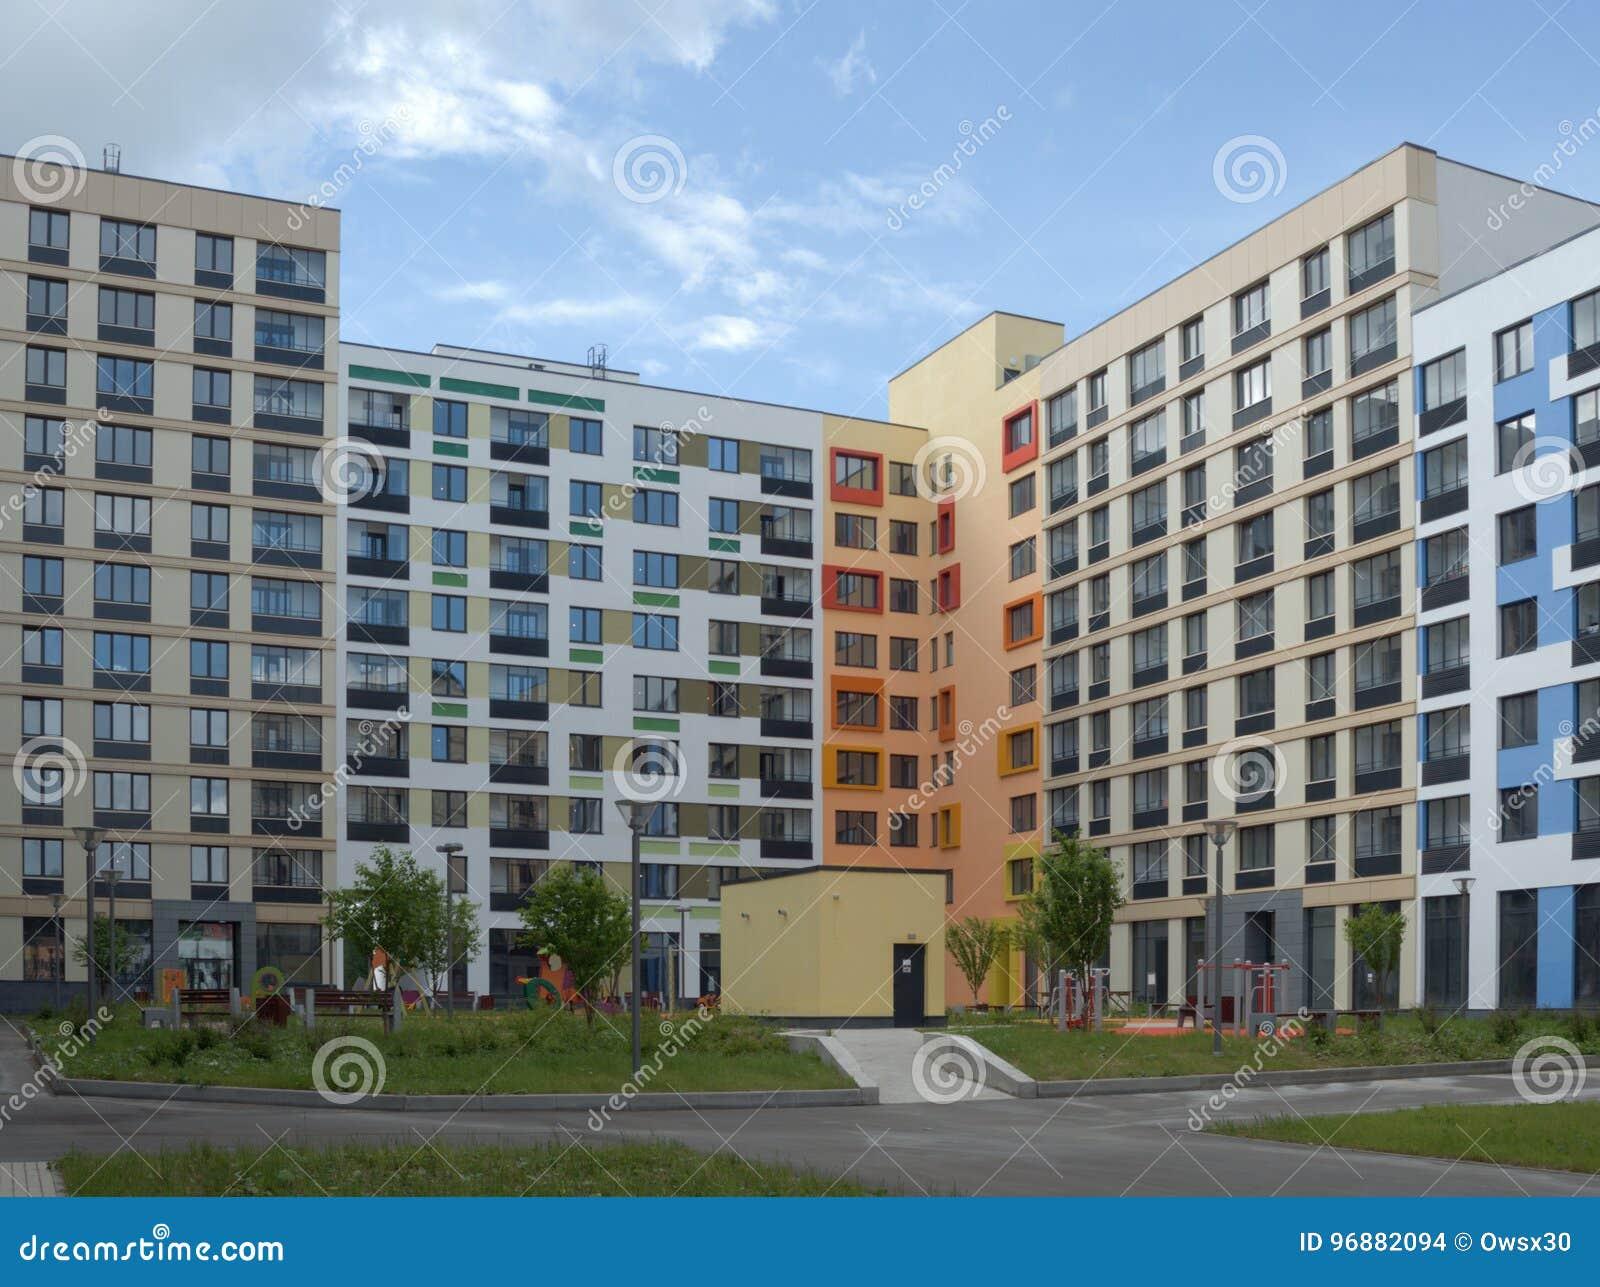 Astounding Moderne Häuser Innen Beste Wahl Pattern Hof Von Modernen Häusern Moskau, Russland